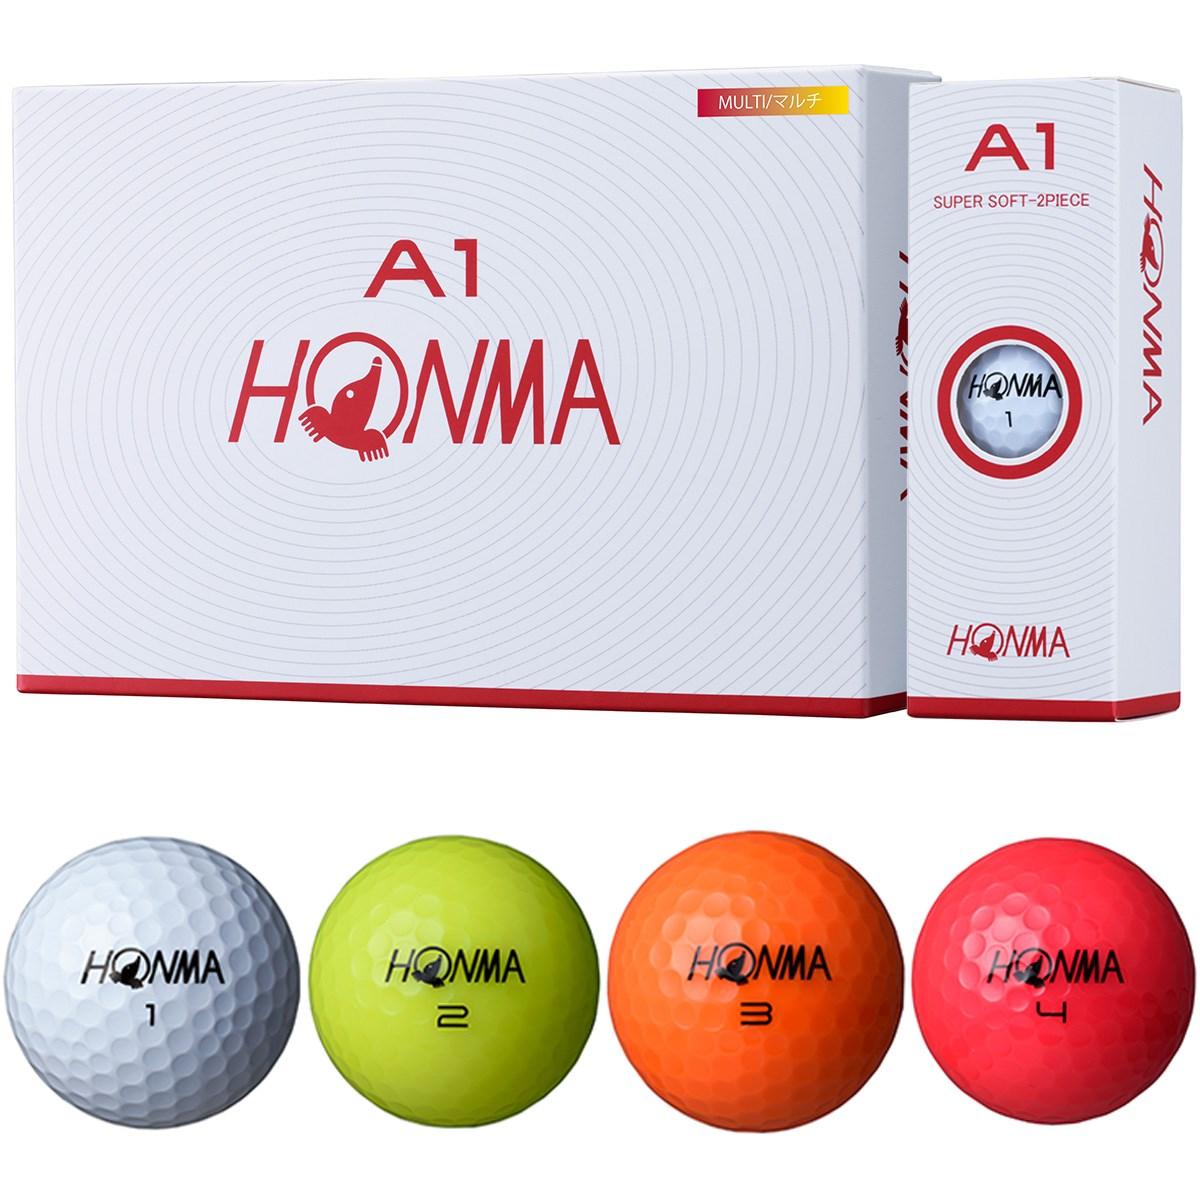 本間ゴルフ HONMA A1 ボール 3ダースセット 3ダース(36個入り) マルチ